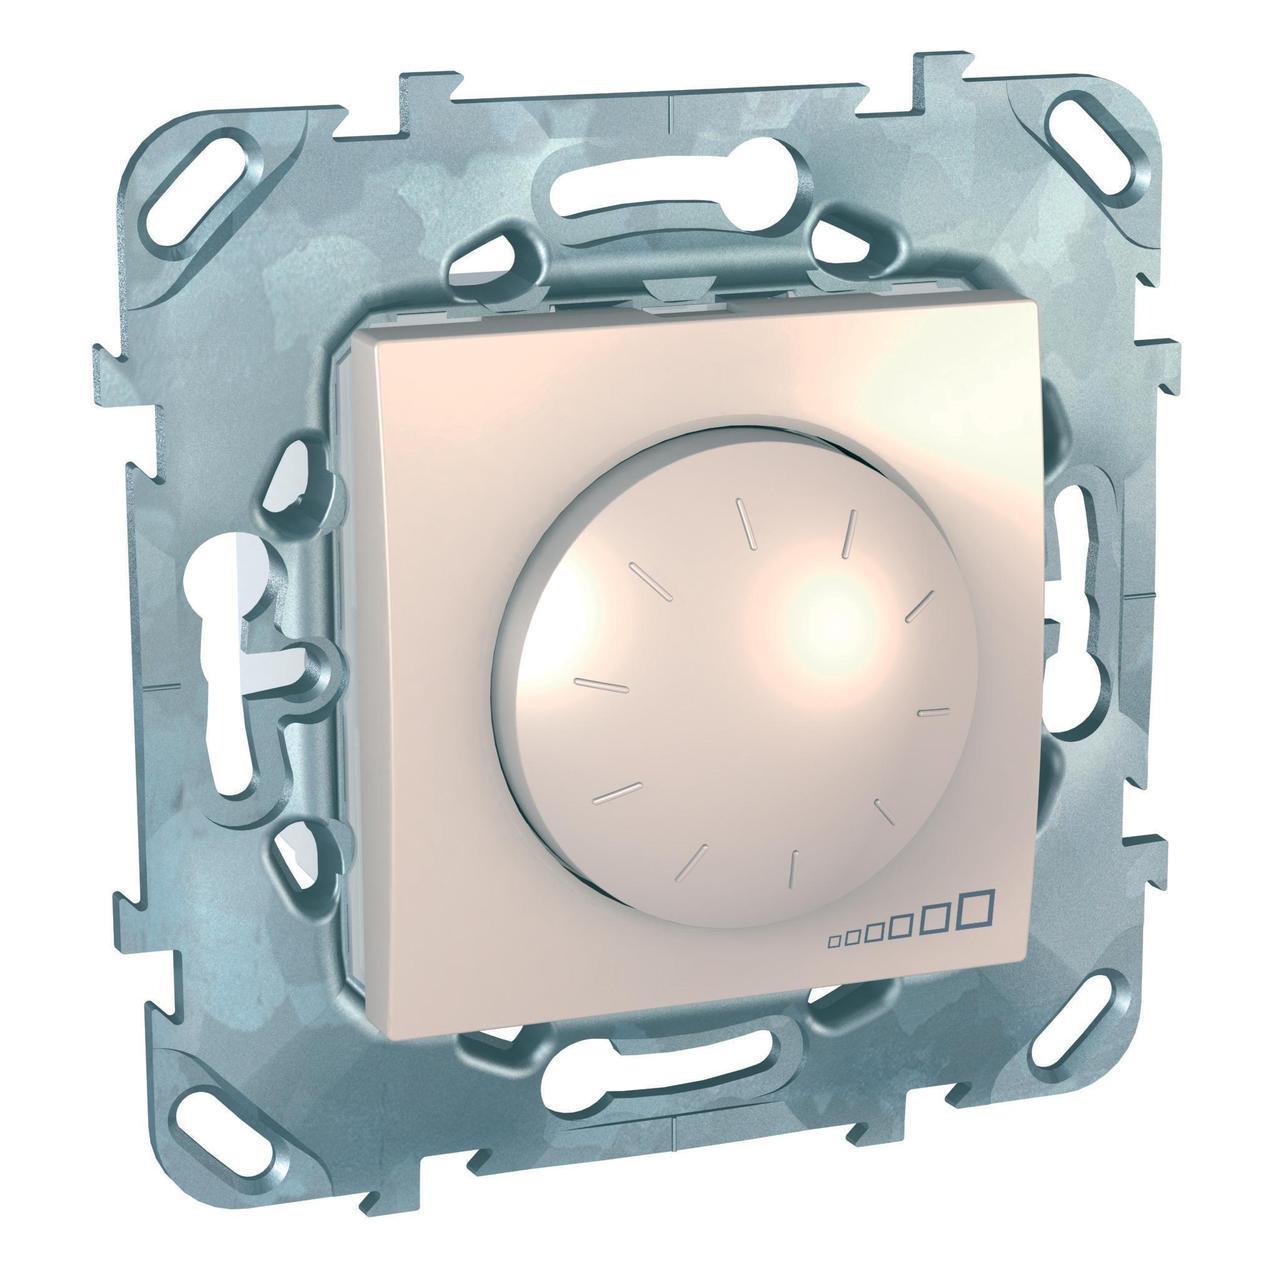 Диммер поворотно-нажимной , 400Вт для ламп накаливания , Бежевый, серия Unica, Schneider Electric